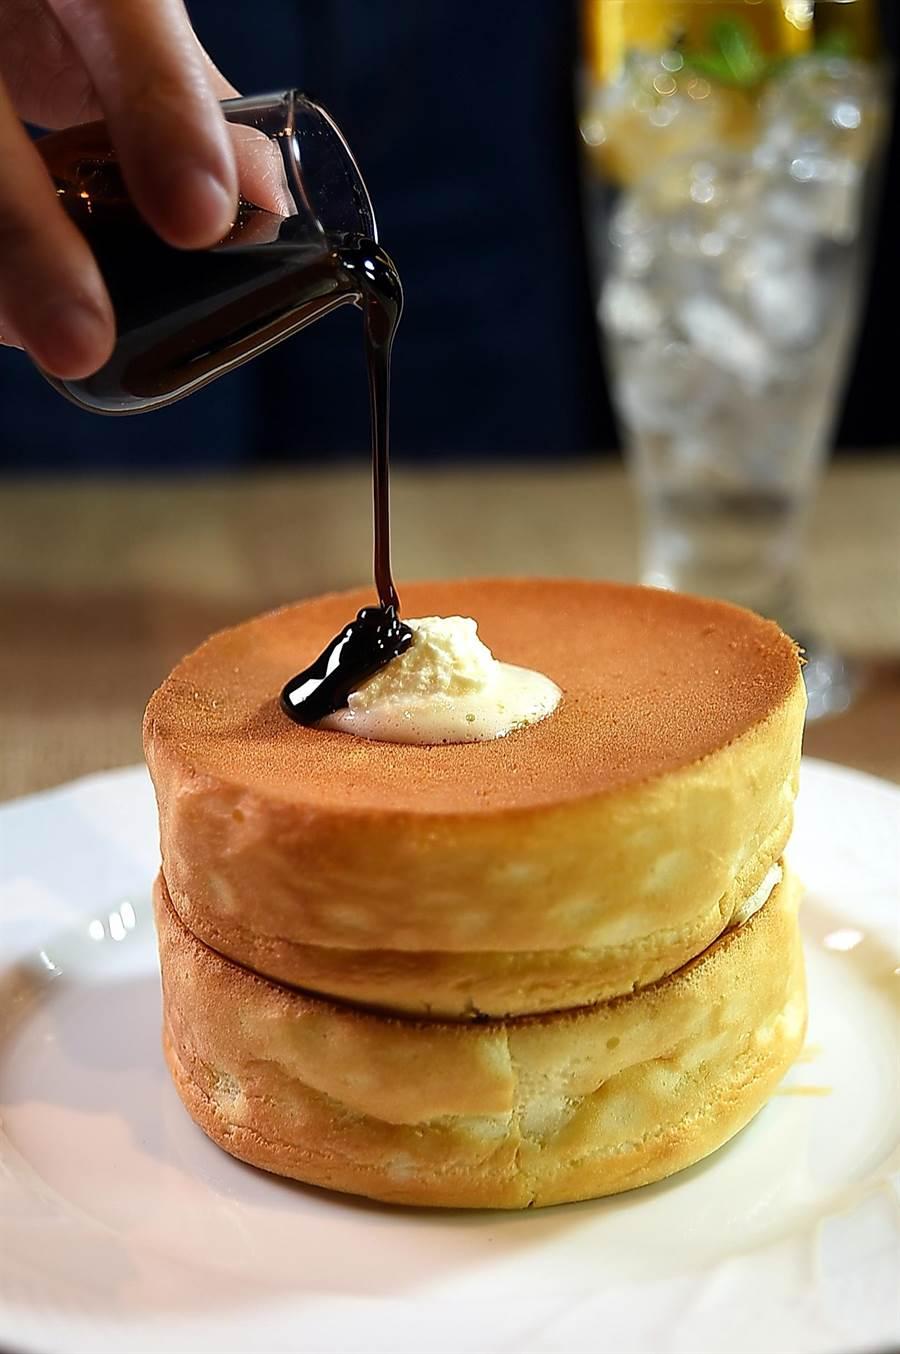 台灣〈星乃珈琲店〉的〈窯烤舒芙蕾熱蛋糕〉,高6公分、直徑約12公分,質地鬆軟輕柔,並有黑糖、楓榶與蜂蜜等3種口味選擇。(圖/姚舜)